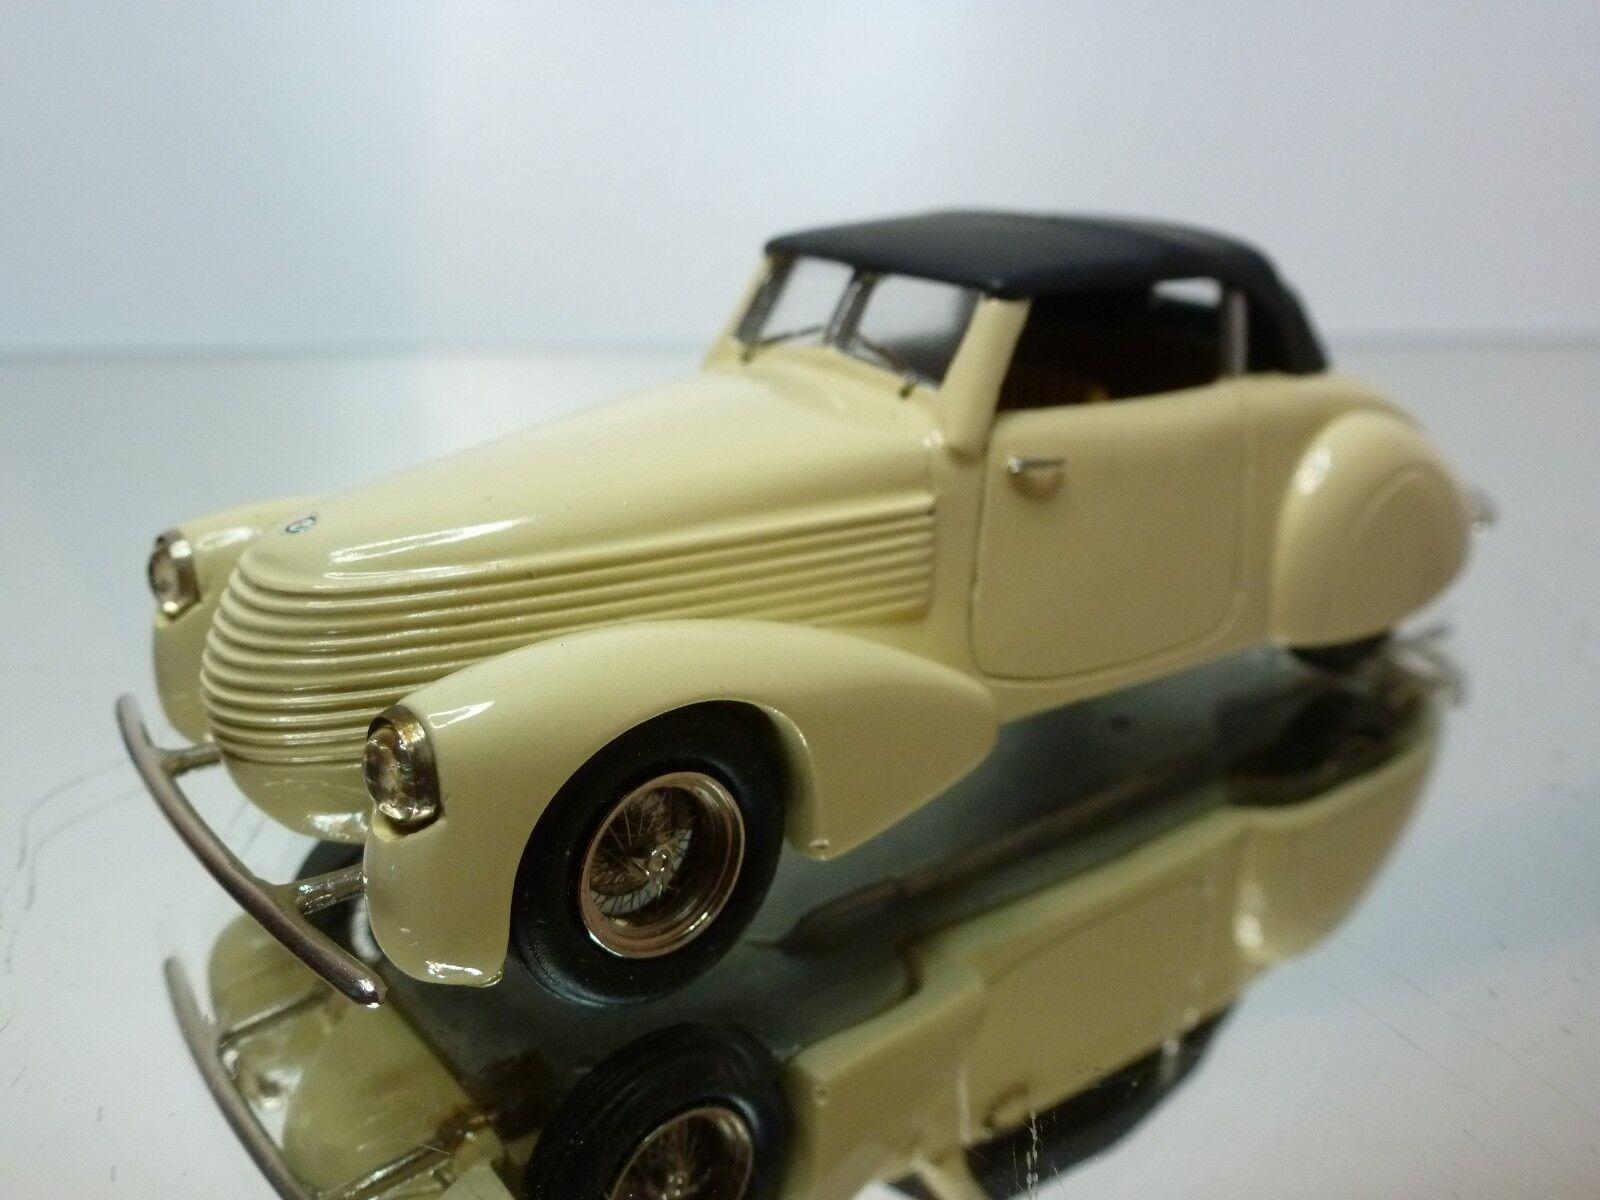 FUT MODELS ALFA ROMEO  C2300 1937 - CREAM 1 43 - EXCELLENT - 33  livraison gratuite et échanges.